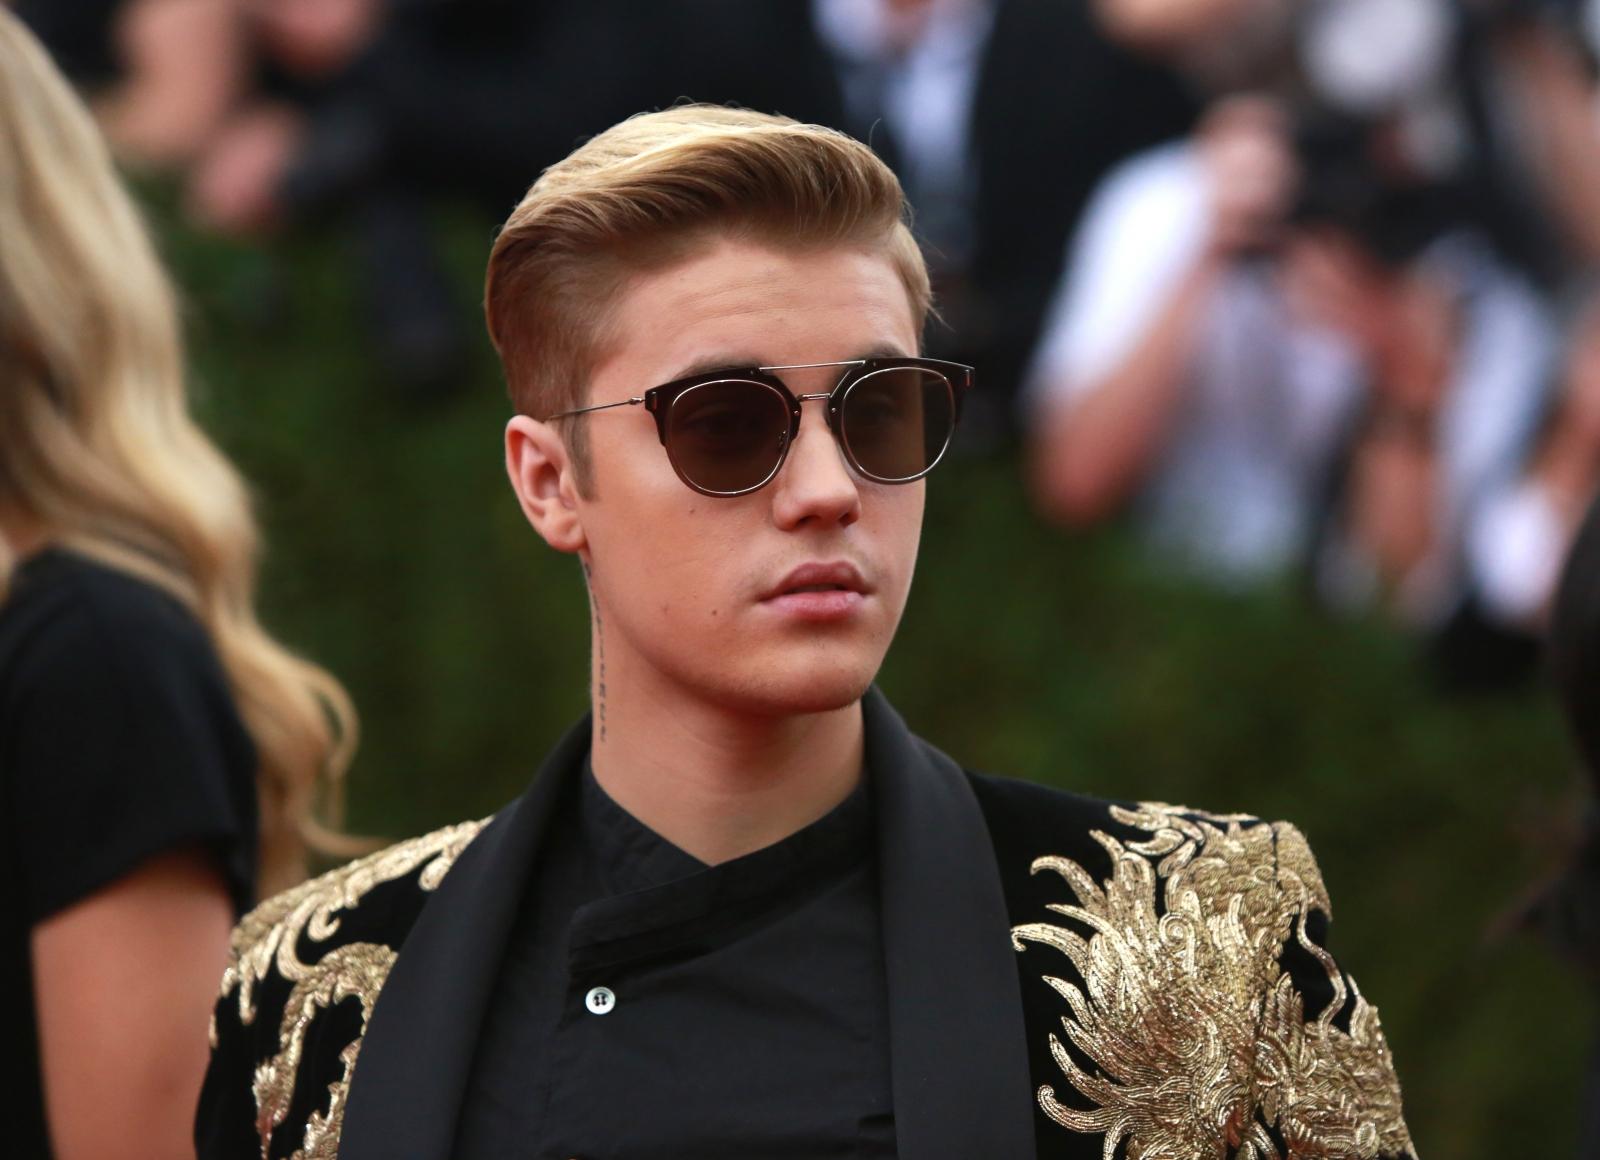 Justin Bieber Dating Website